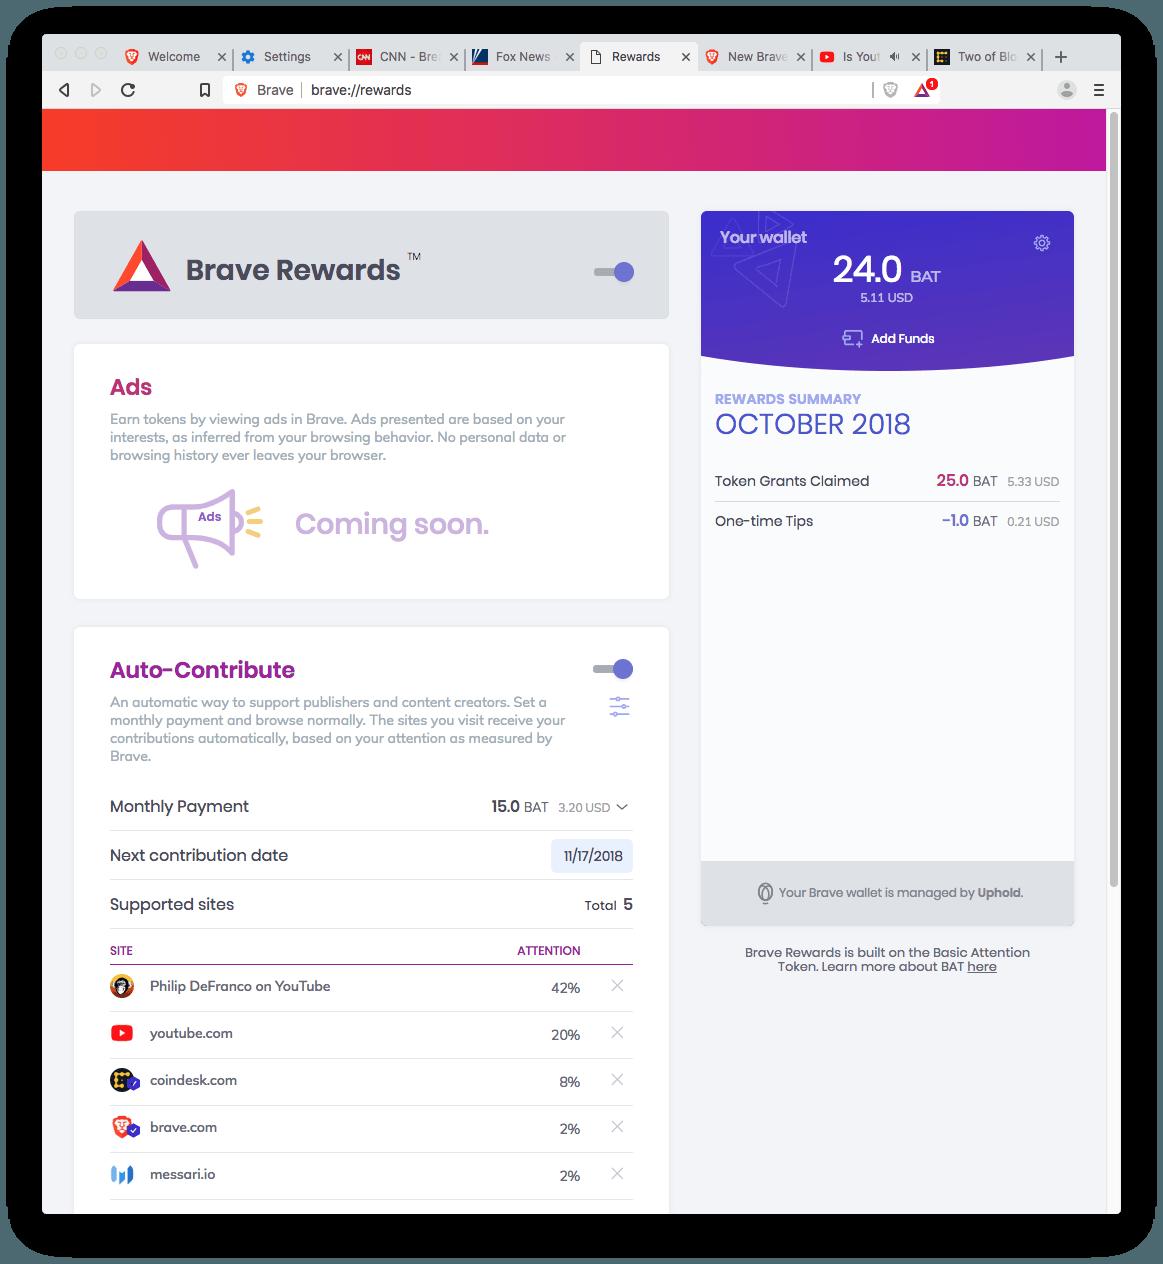 Pobierz przeglądarkę Brave na swój komputer lub telefon